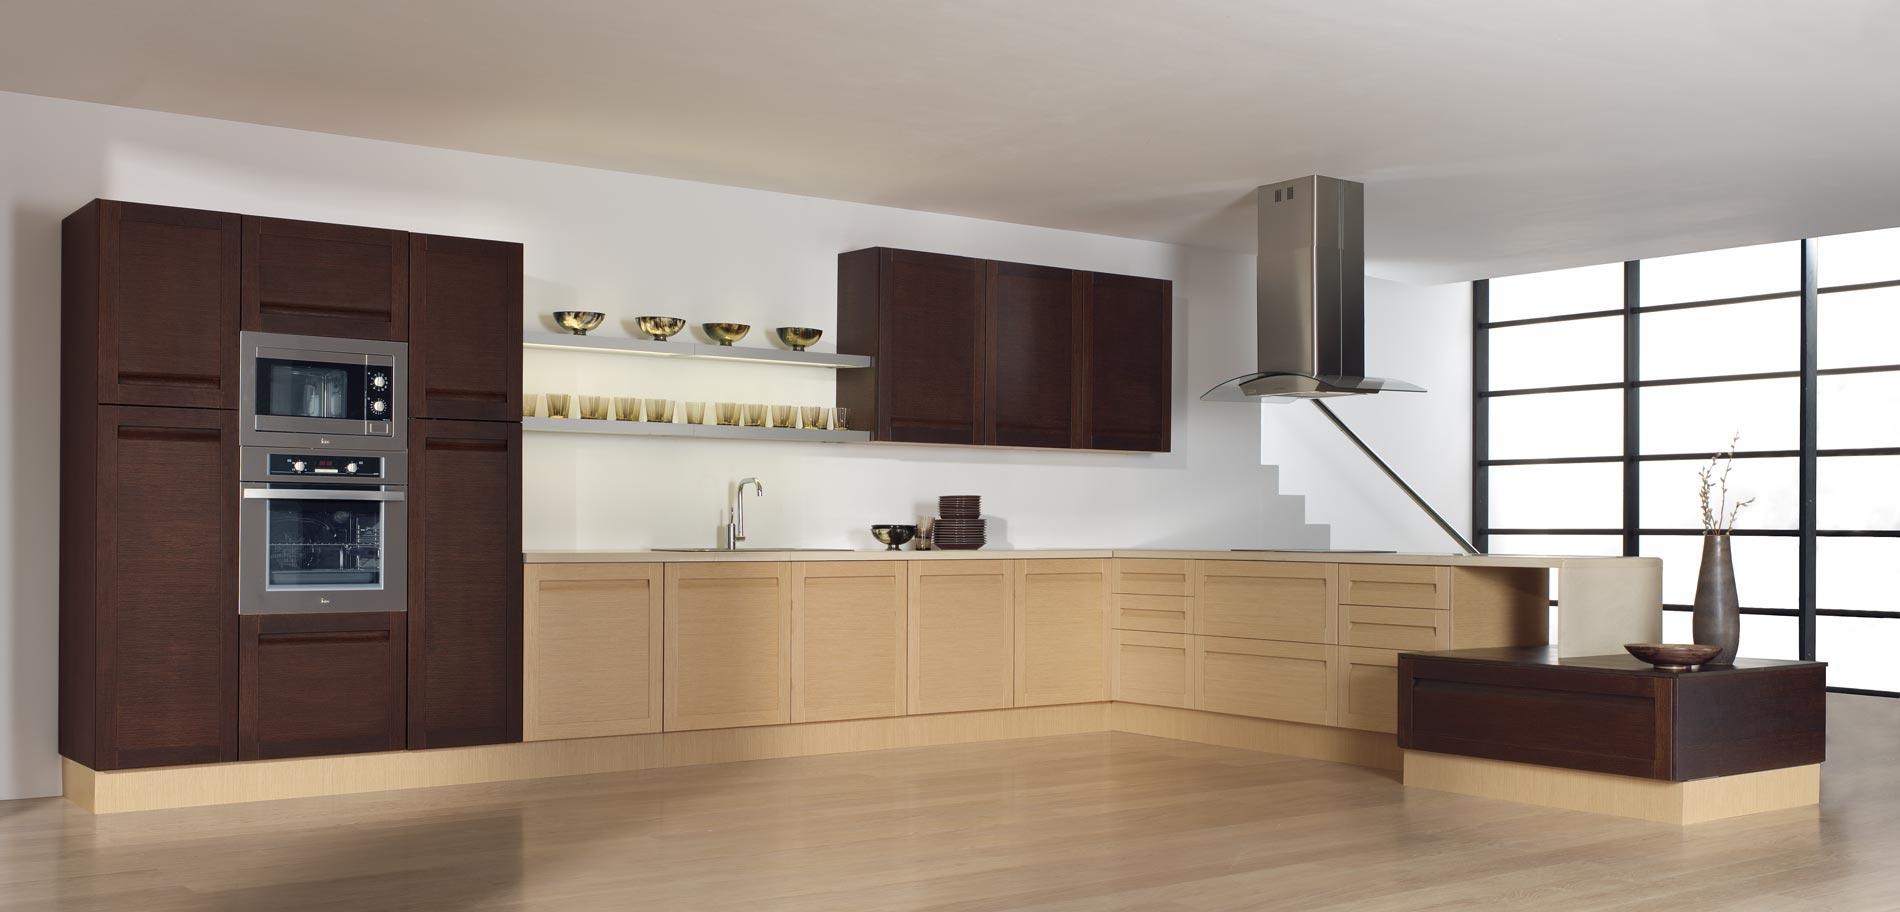 Colores de muebles de cocina modernos excellent muebles - Cocinas de colores ...